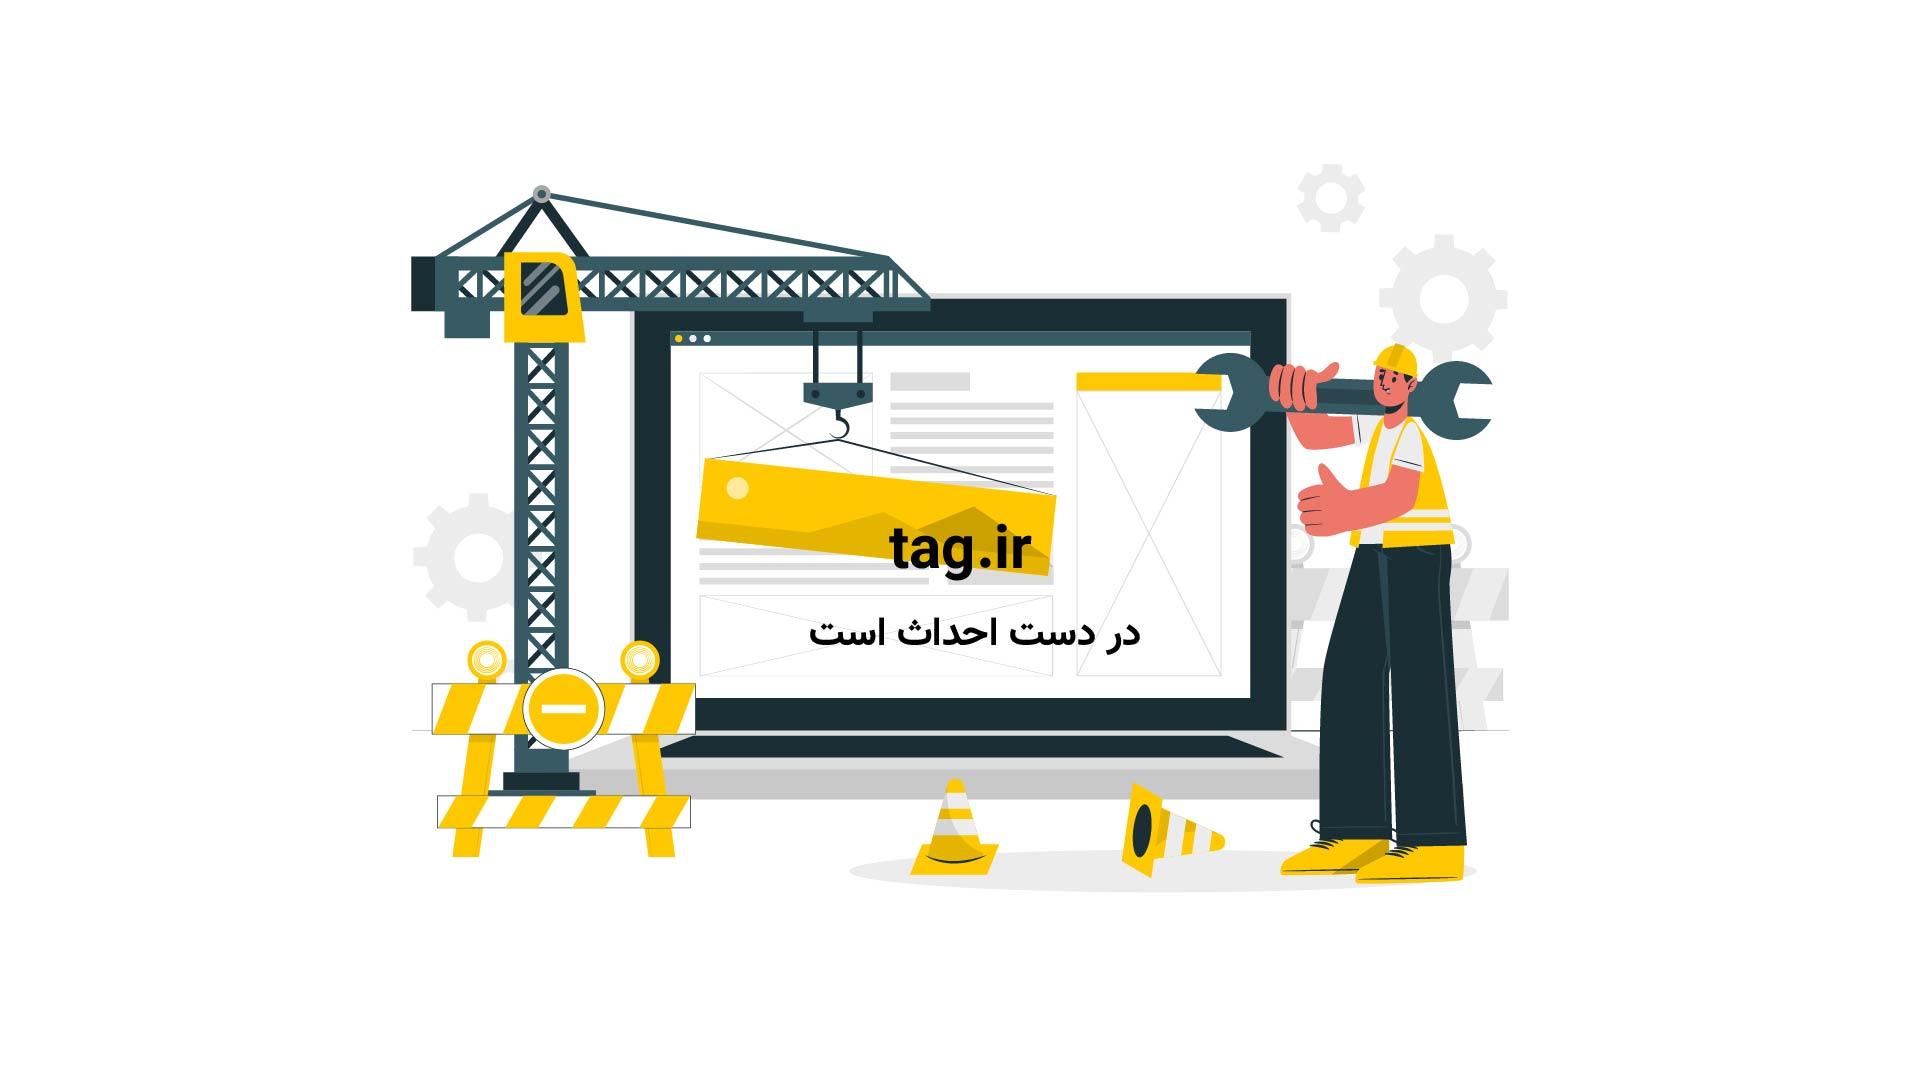 پرواز موفق دو خلبان زن همراه با بزرگترین هواپیمای دنیا   فیلم